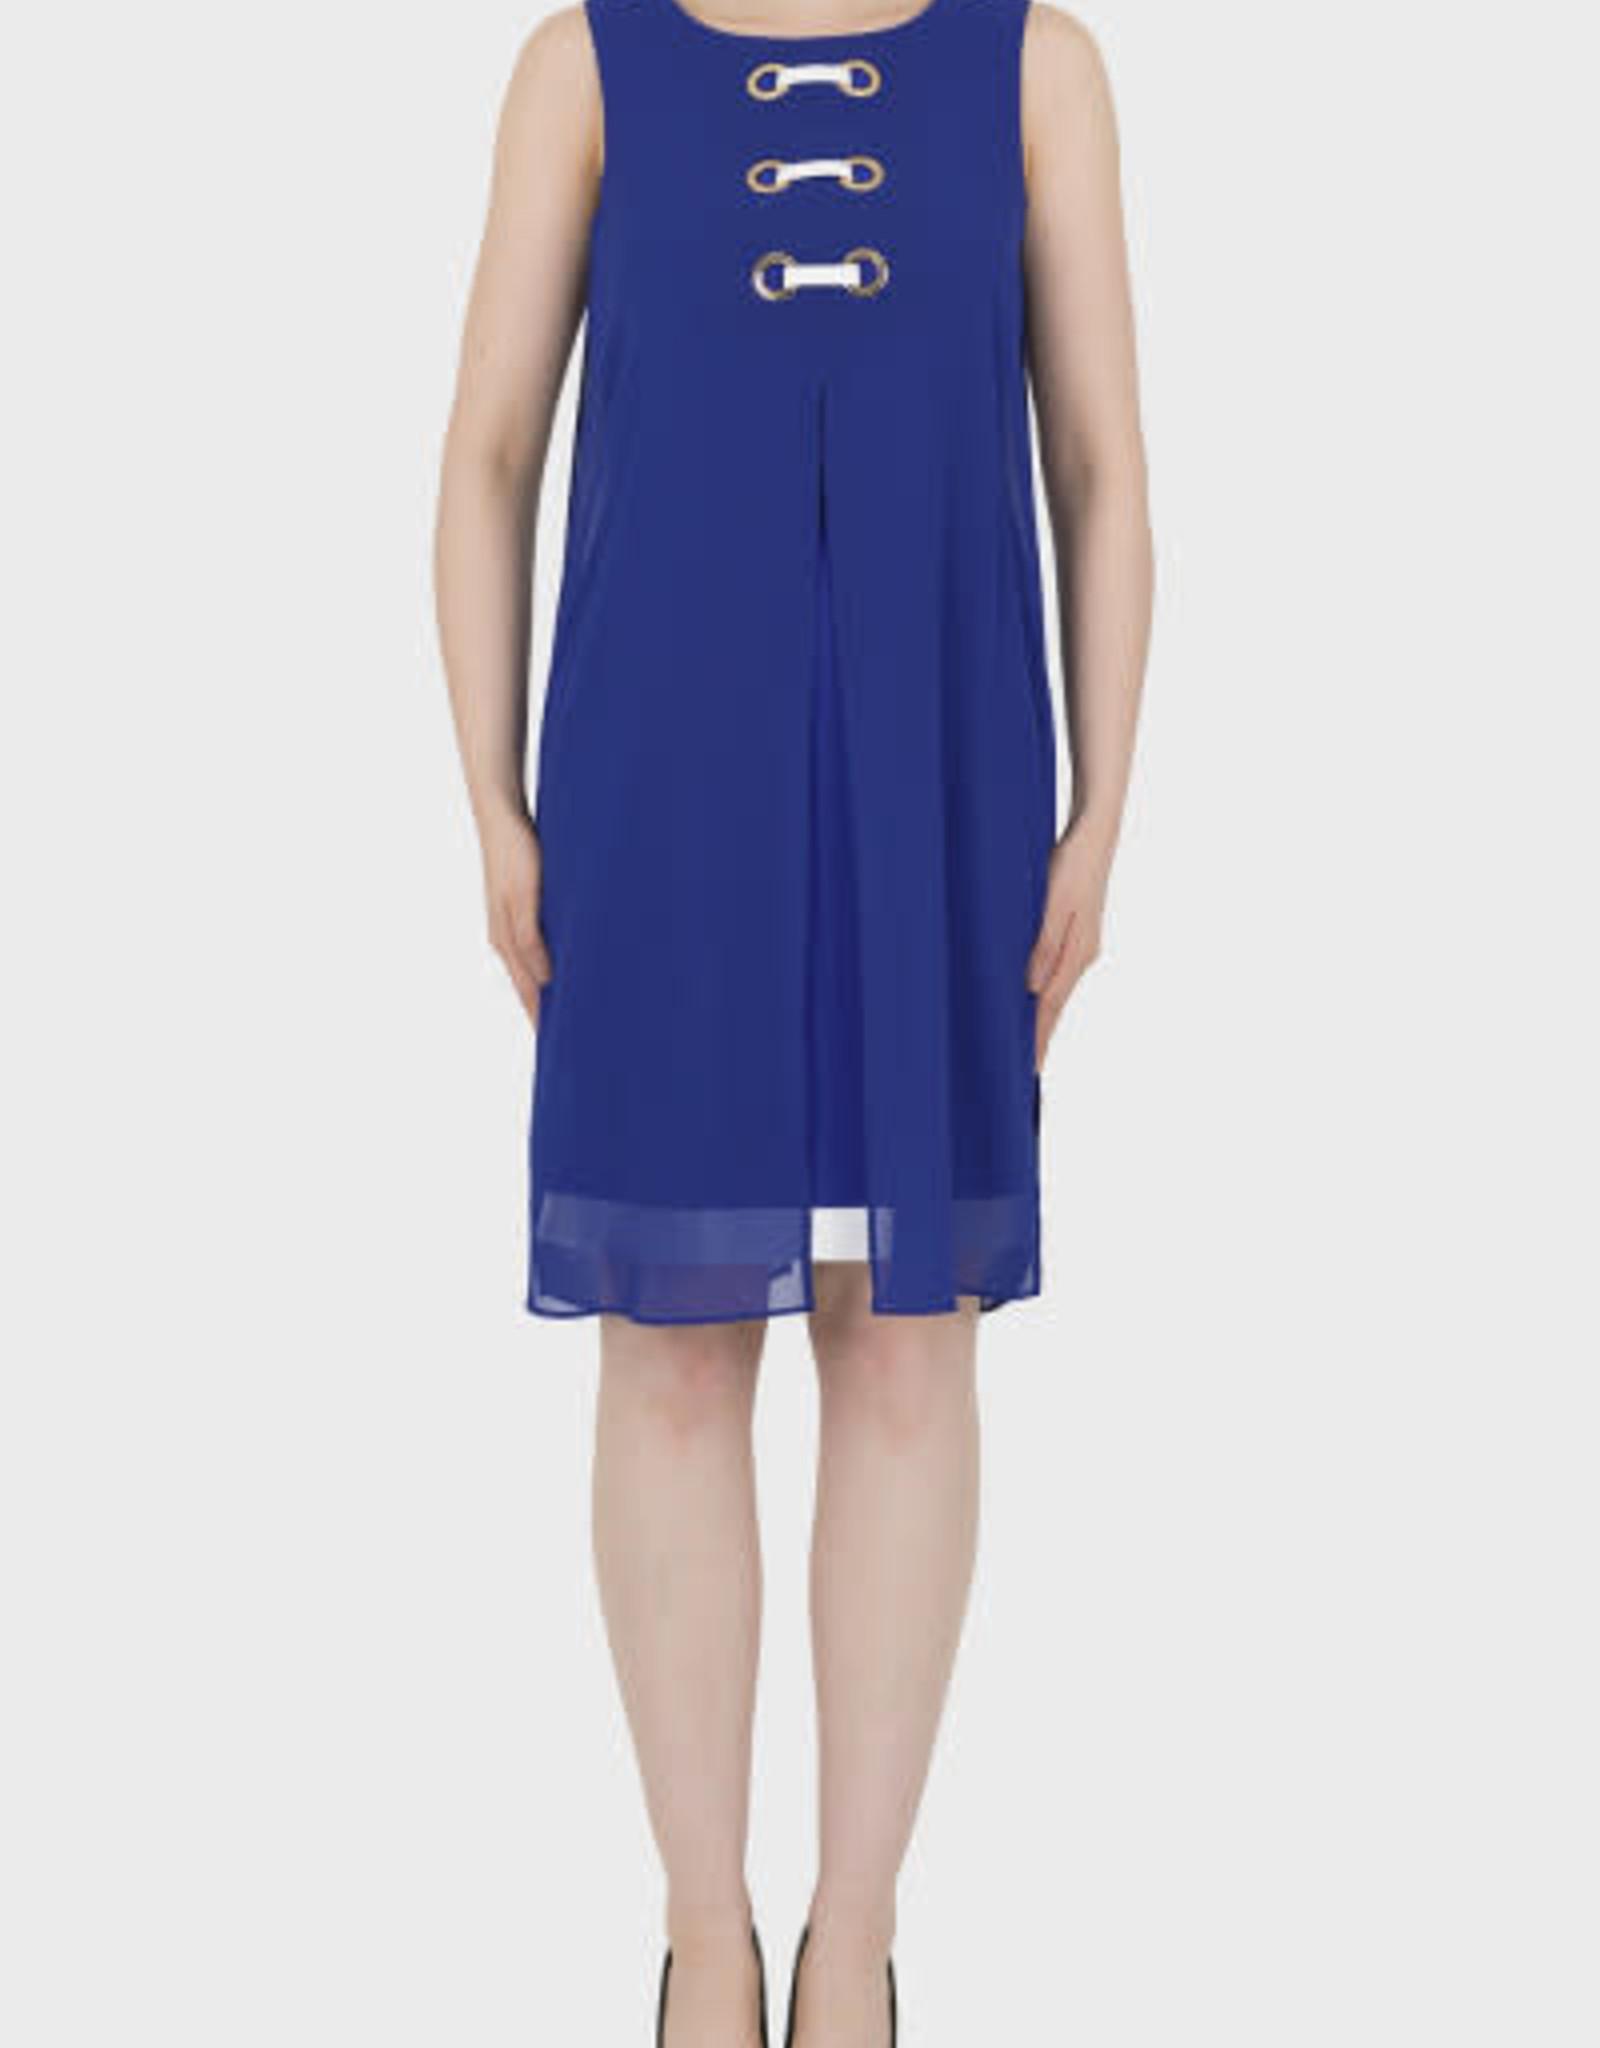 192200 Ribkoff Dress